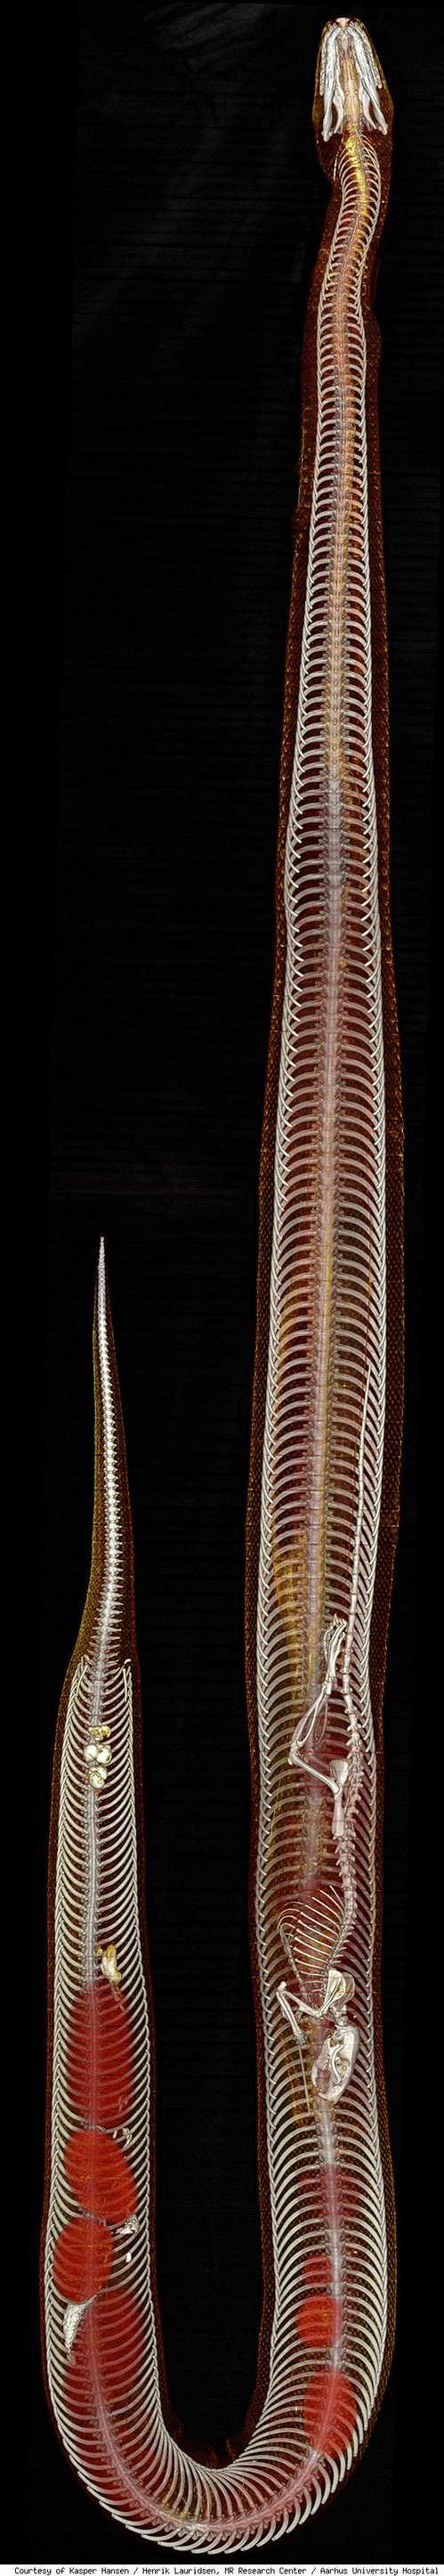 python-panoram-584-1278600808.jpg